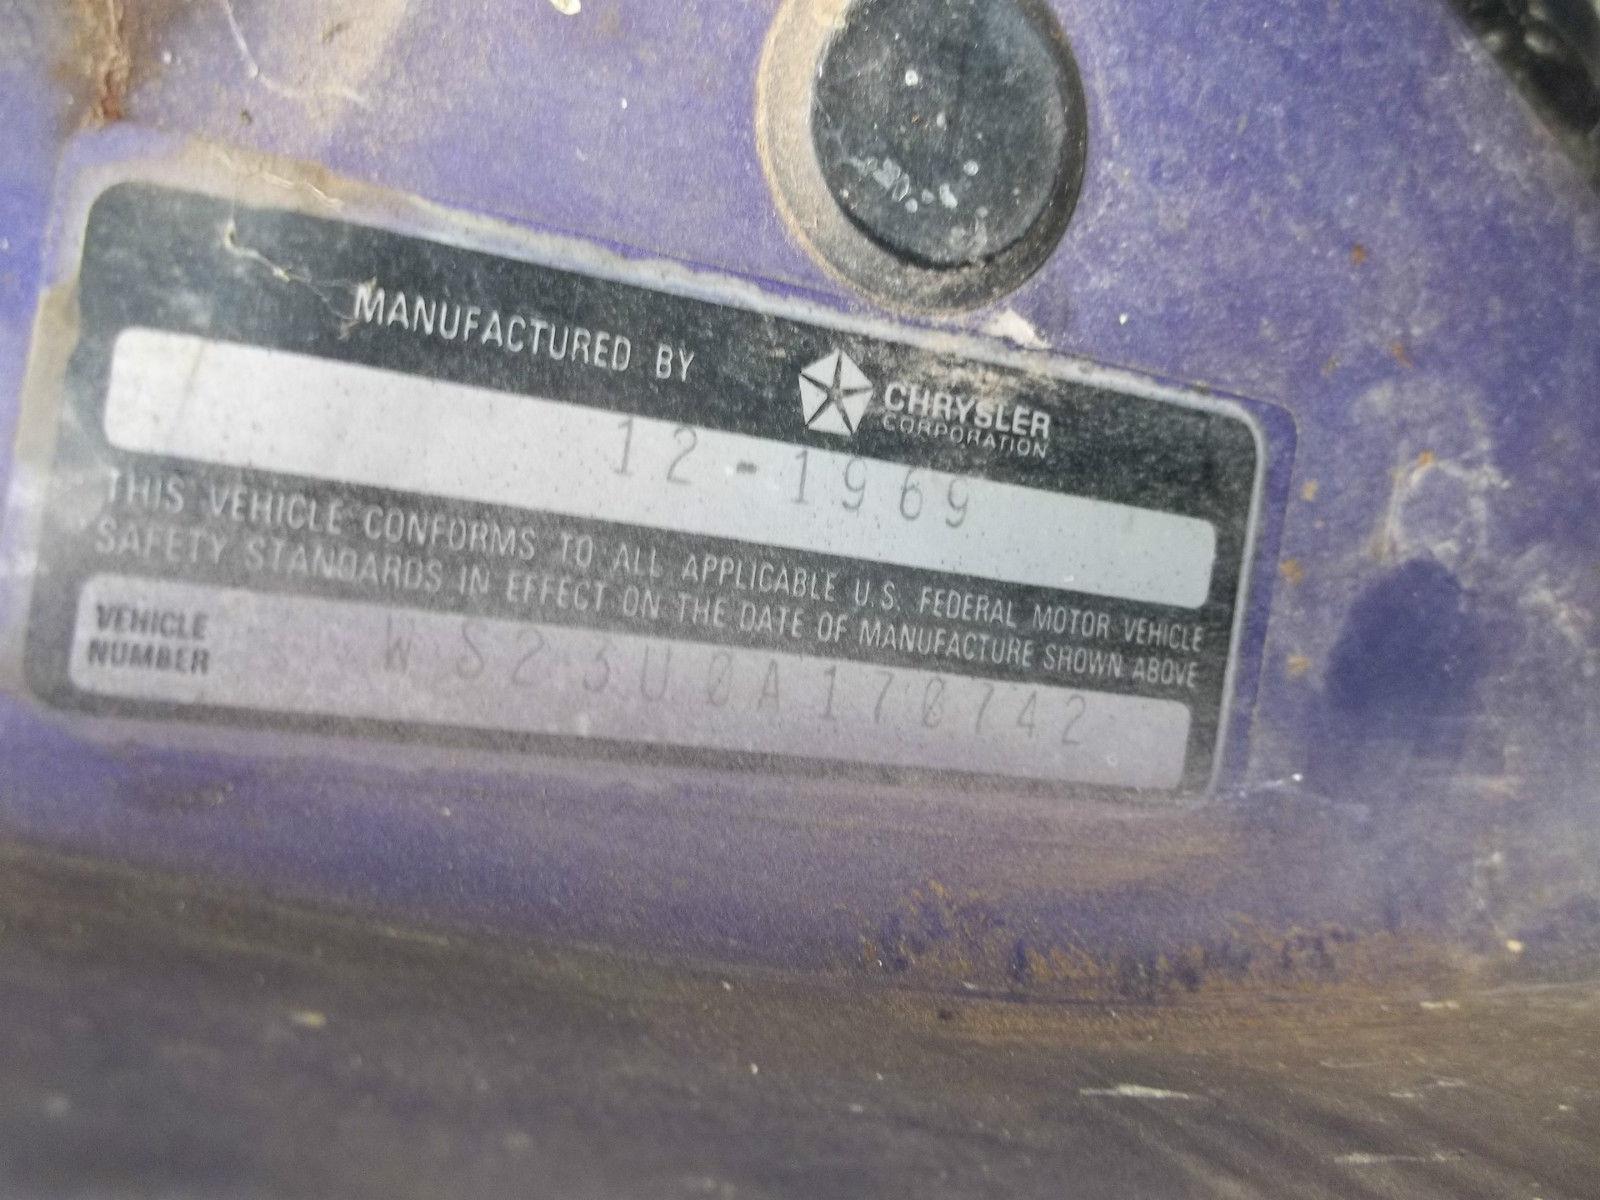 Mopar Dodge Coronet R/T 1970 Plum Crazy Purple 440 WS